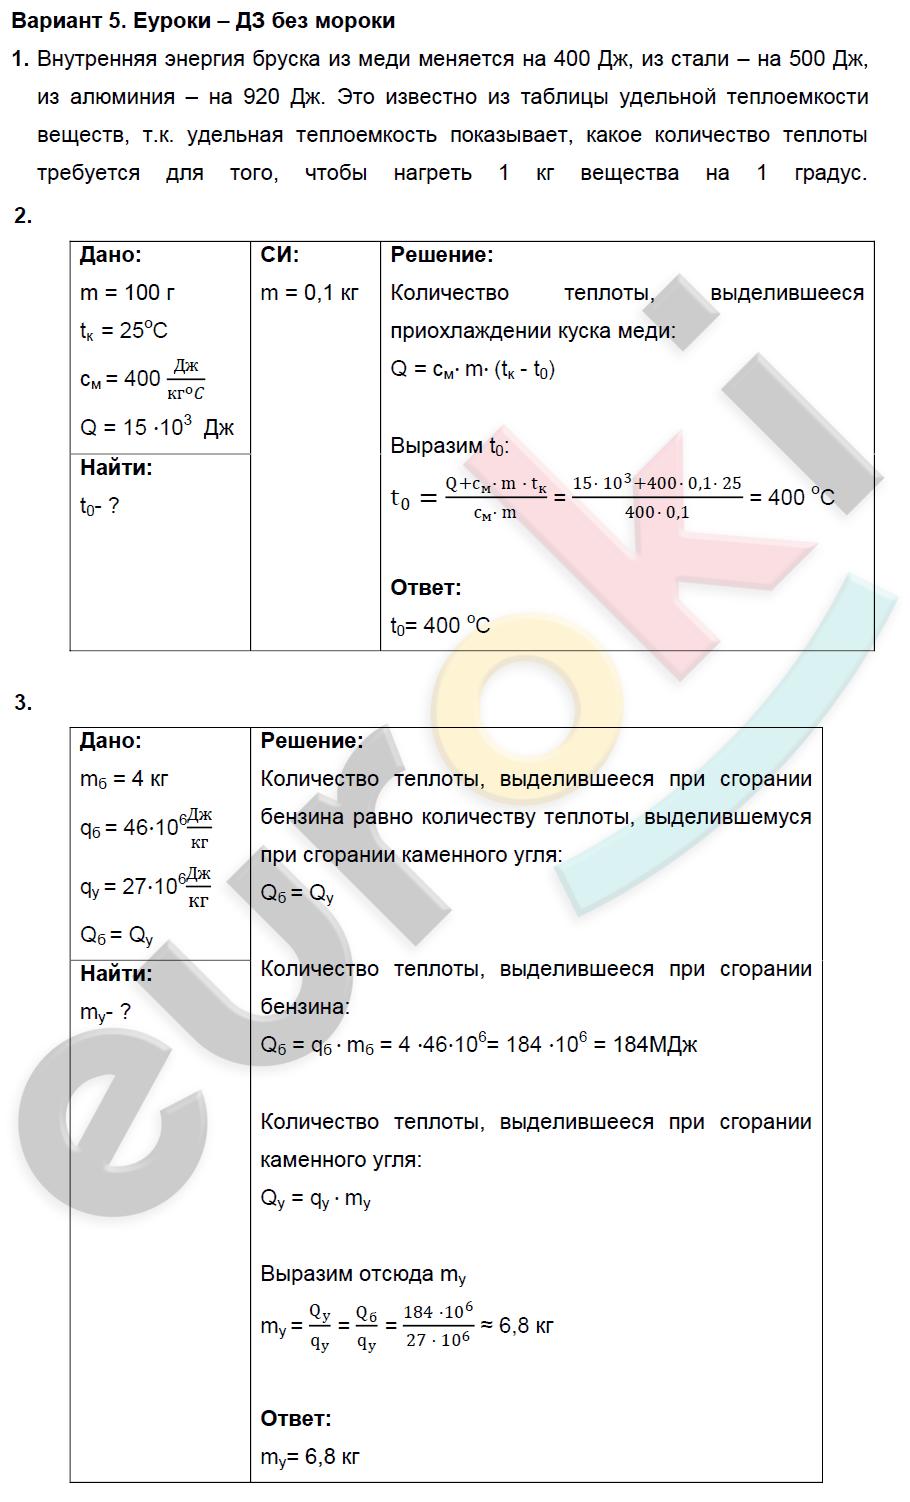 Задачи на теплопроводность 8 класс с решением